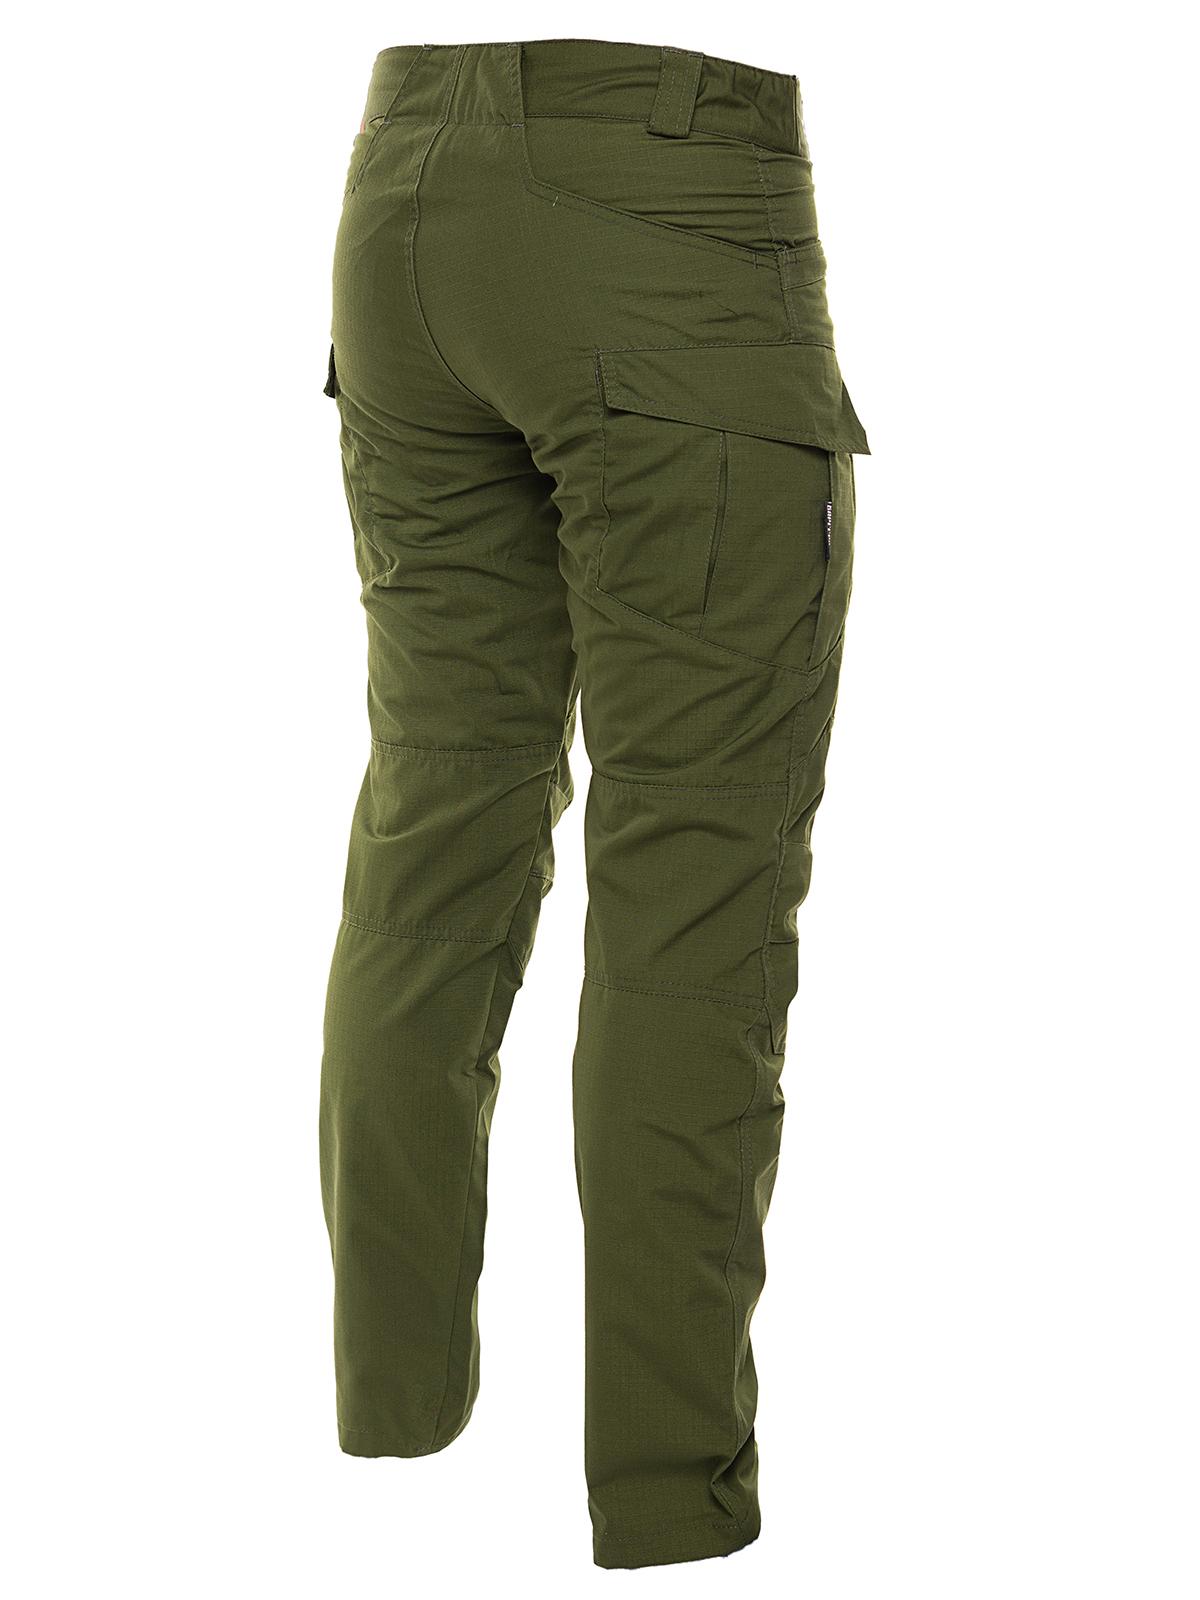 купить городские тактические брюки ВАРГГРАДЪ олива green РИП-СТОП XTRM